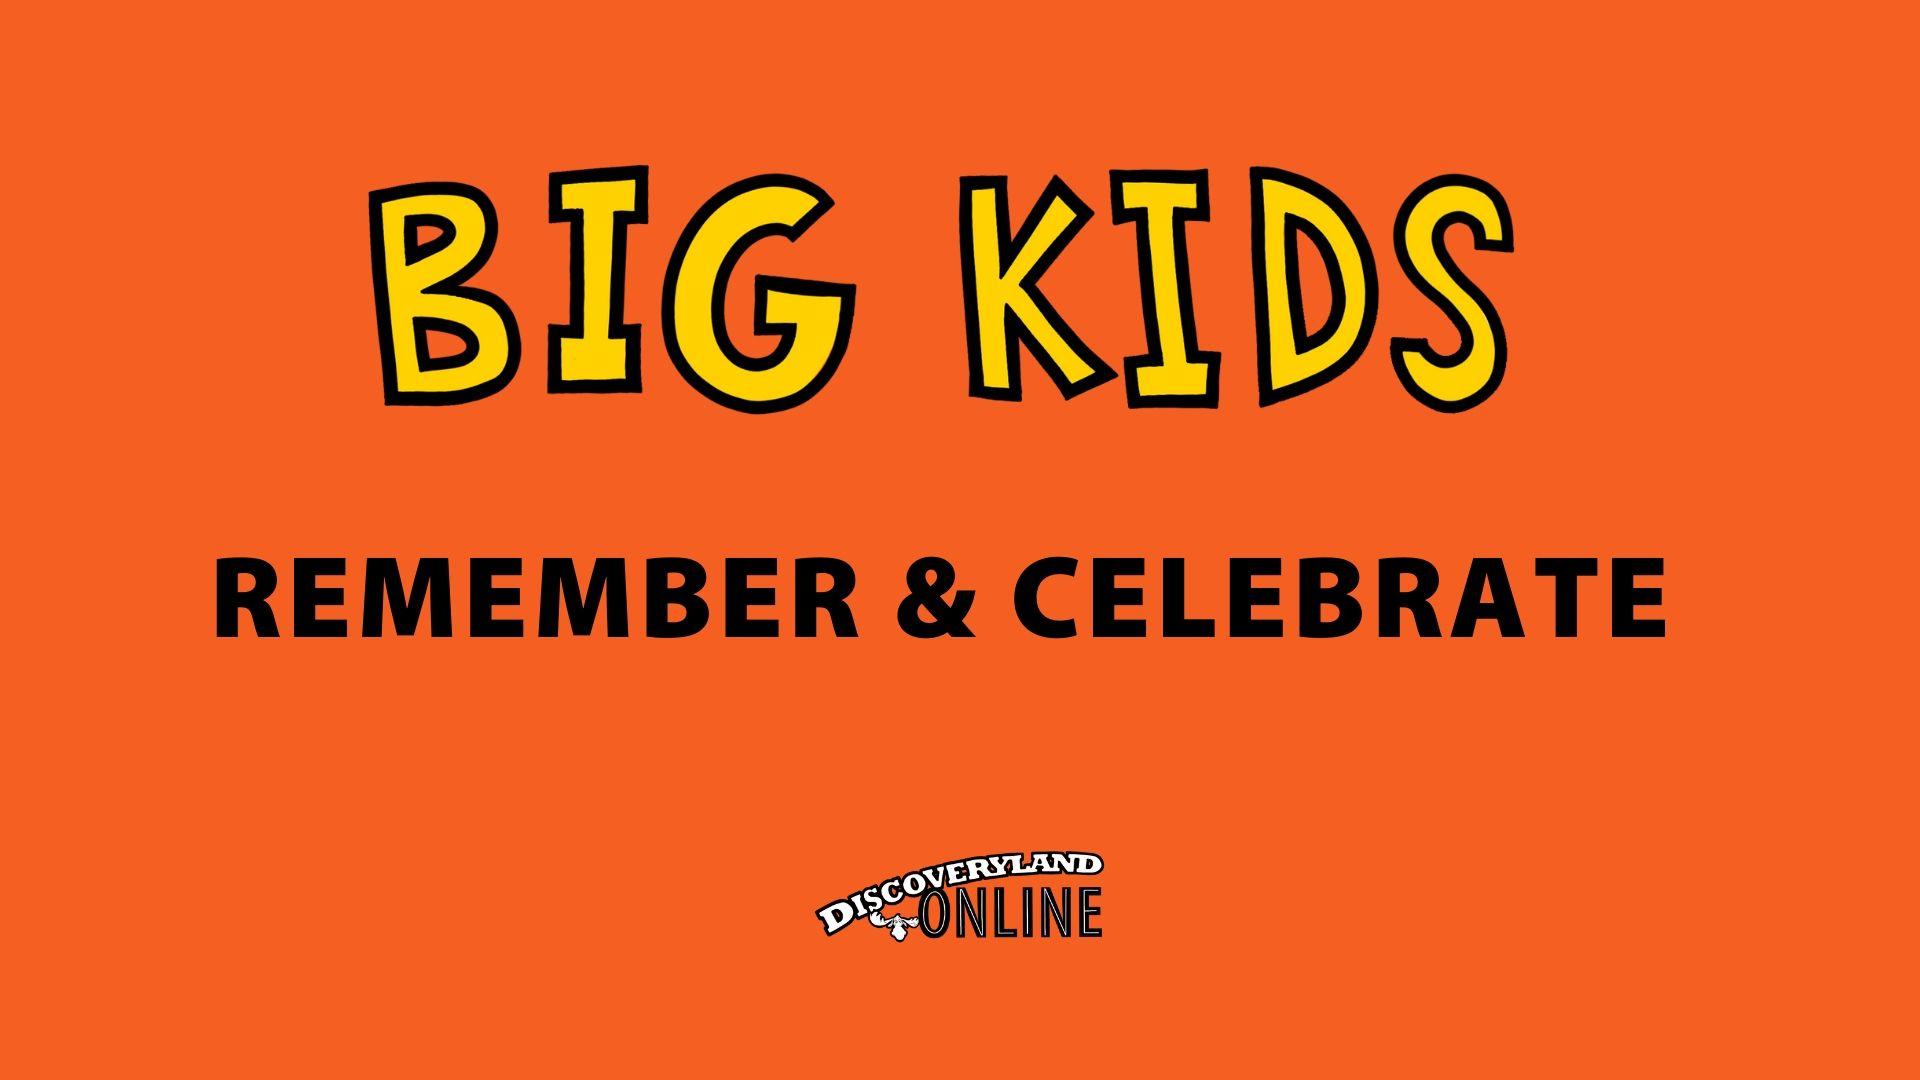 Remember & Celebrate